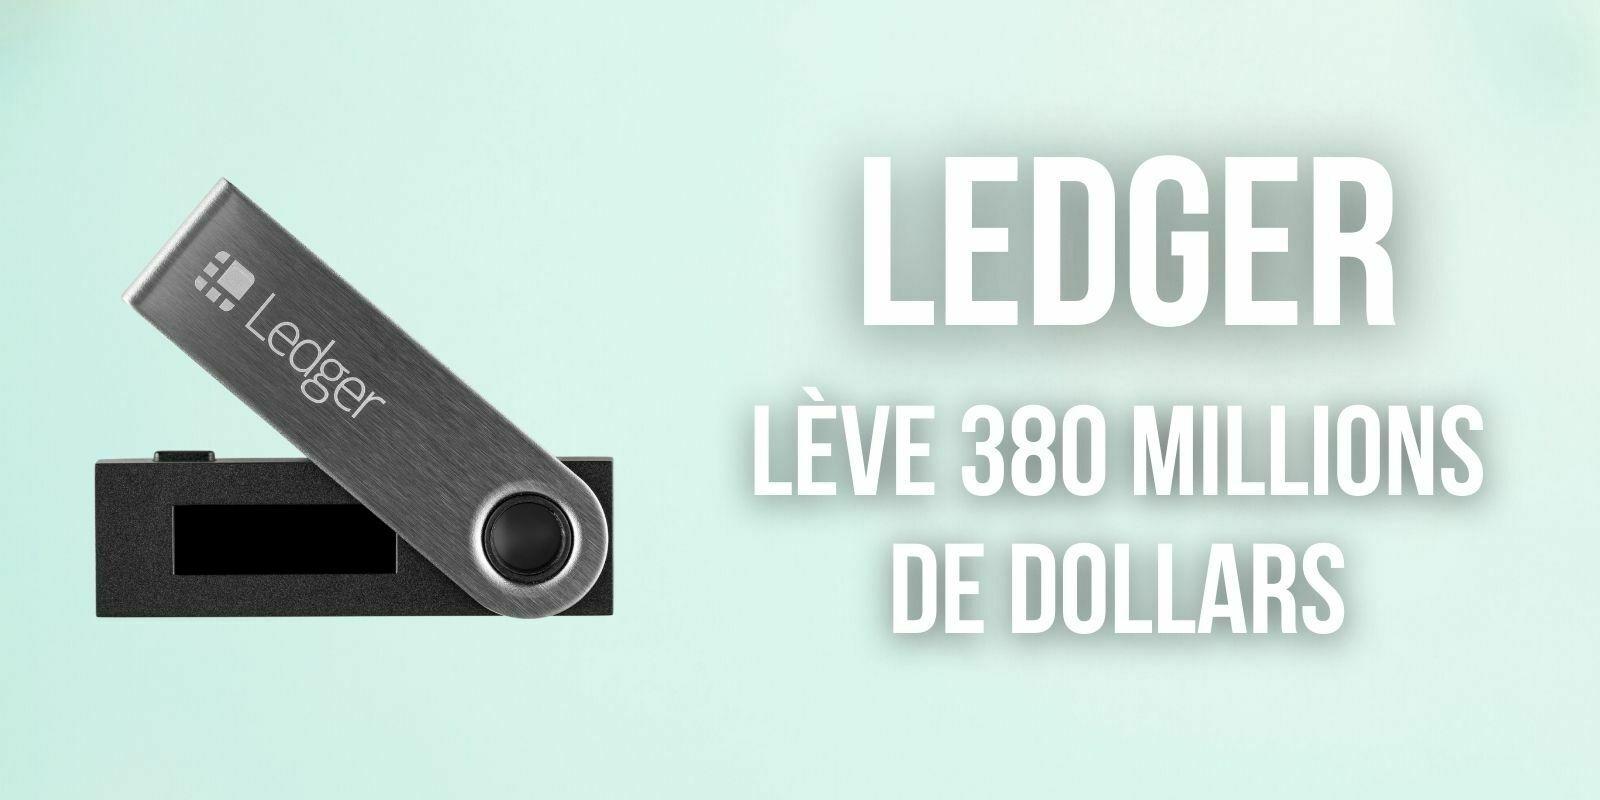 Le fabricant de portefeuilles Ledger lève 380 millions de dollars et devient la 15e licorne française